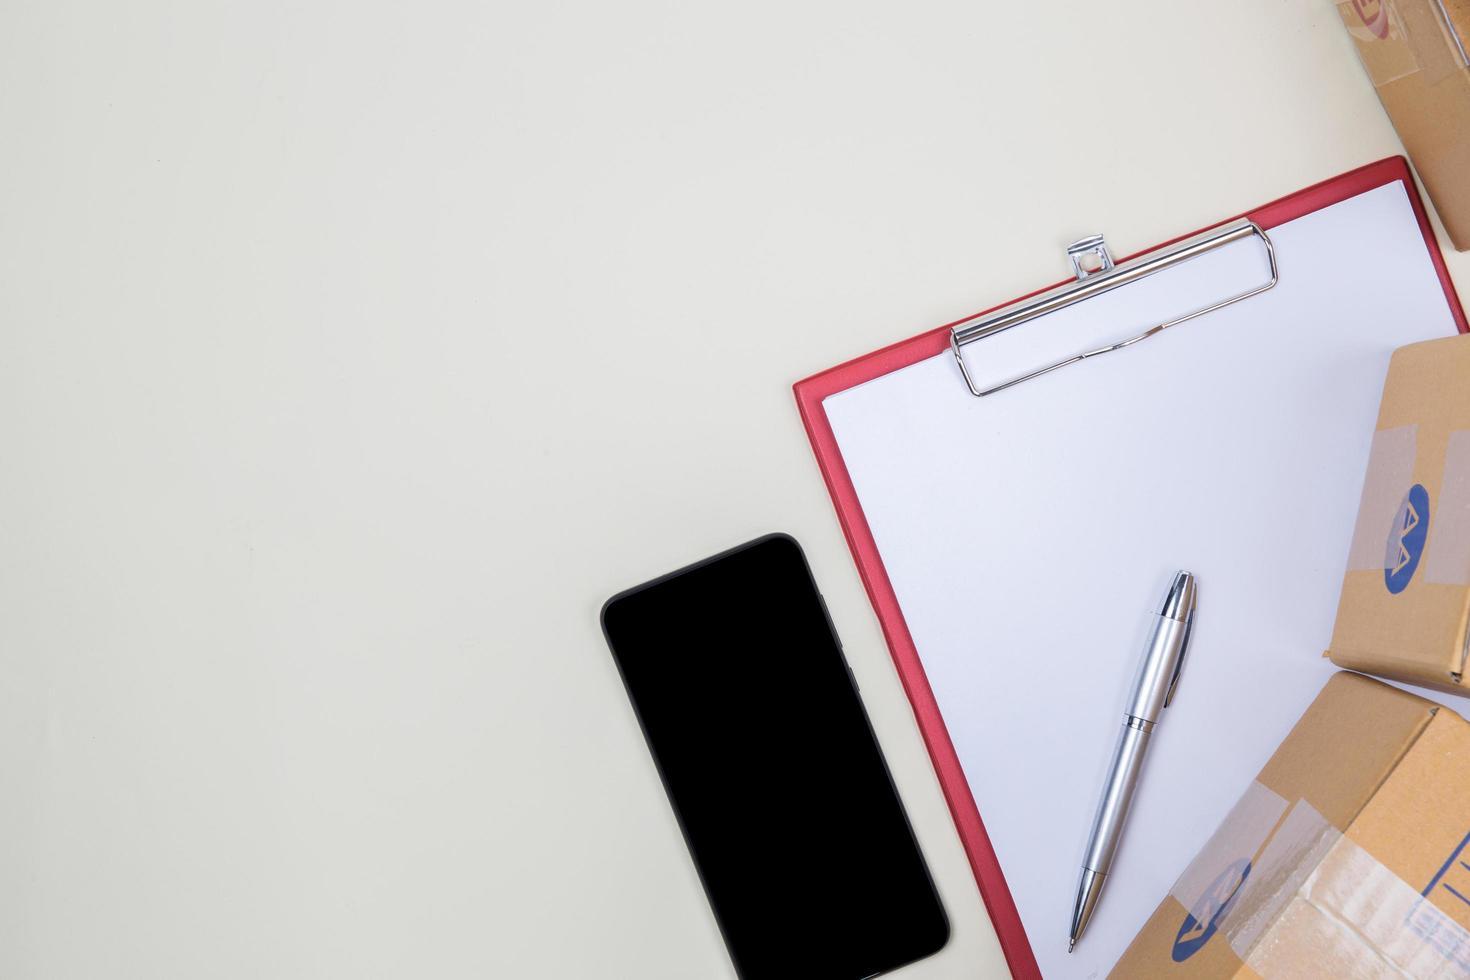 platt låg, ovanifrån kontorsbord skrivbord foto